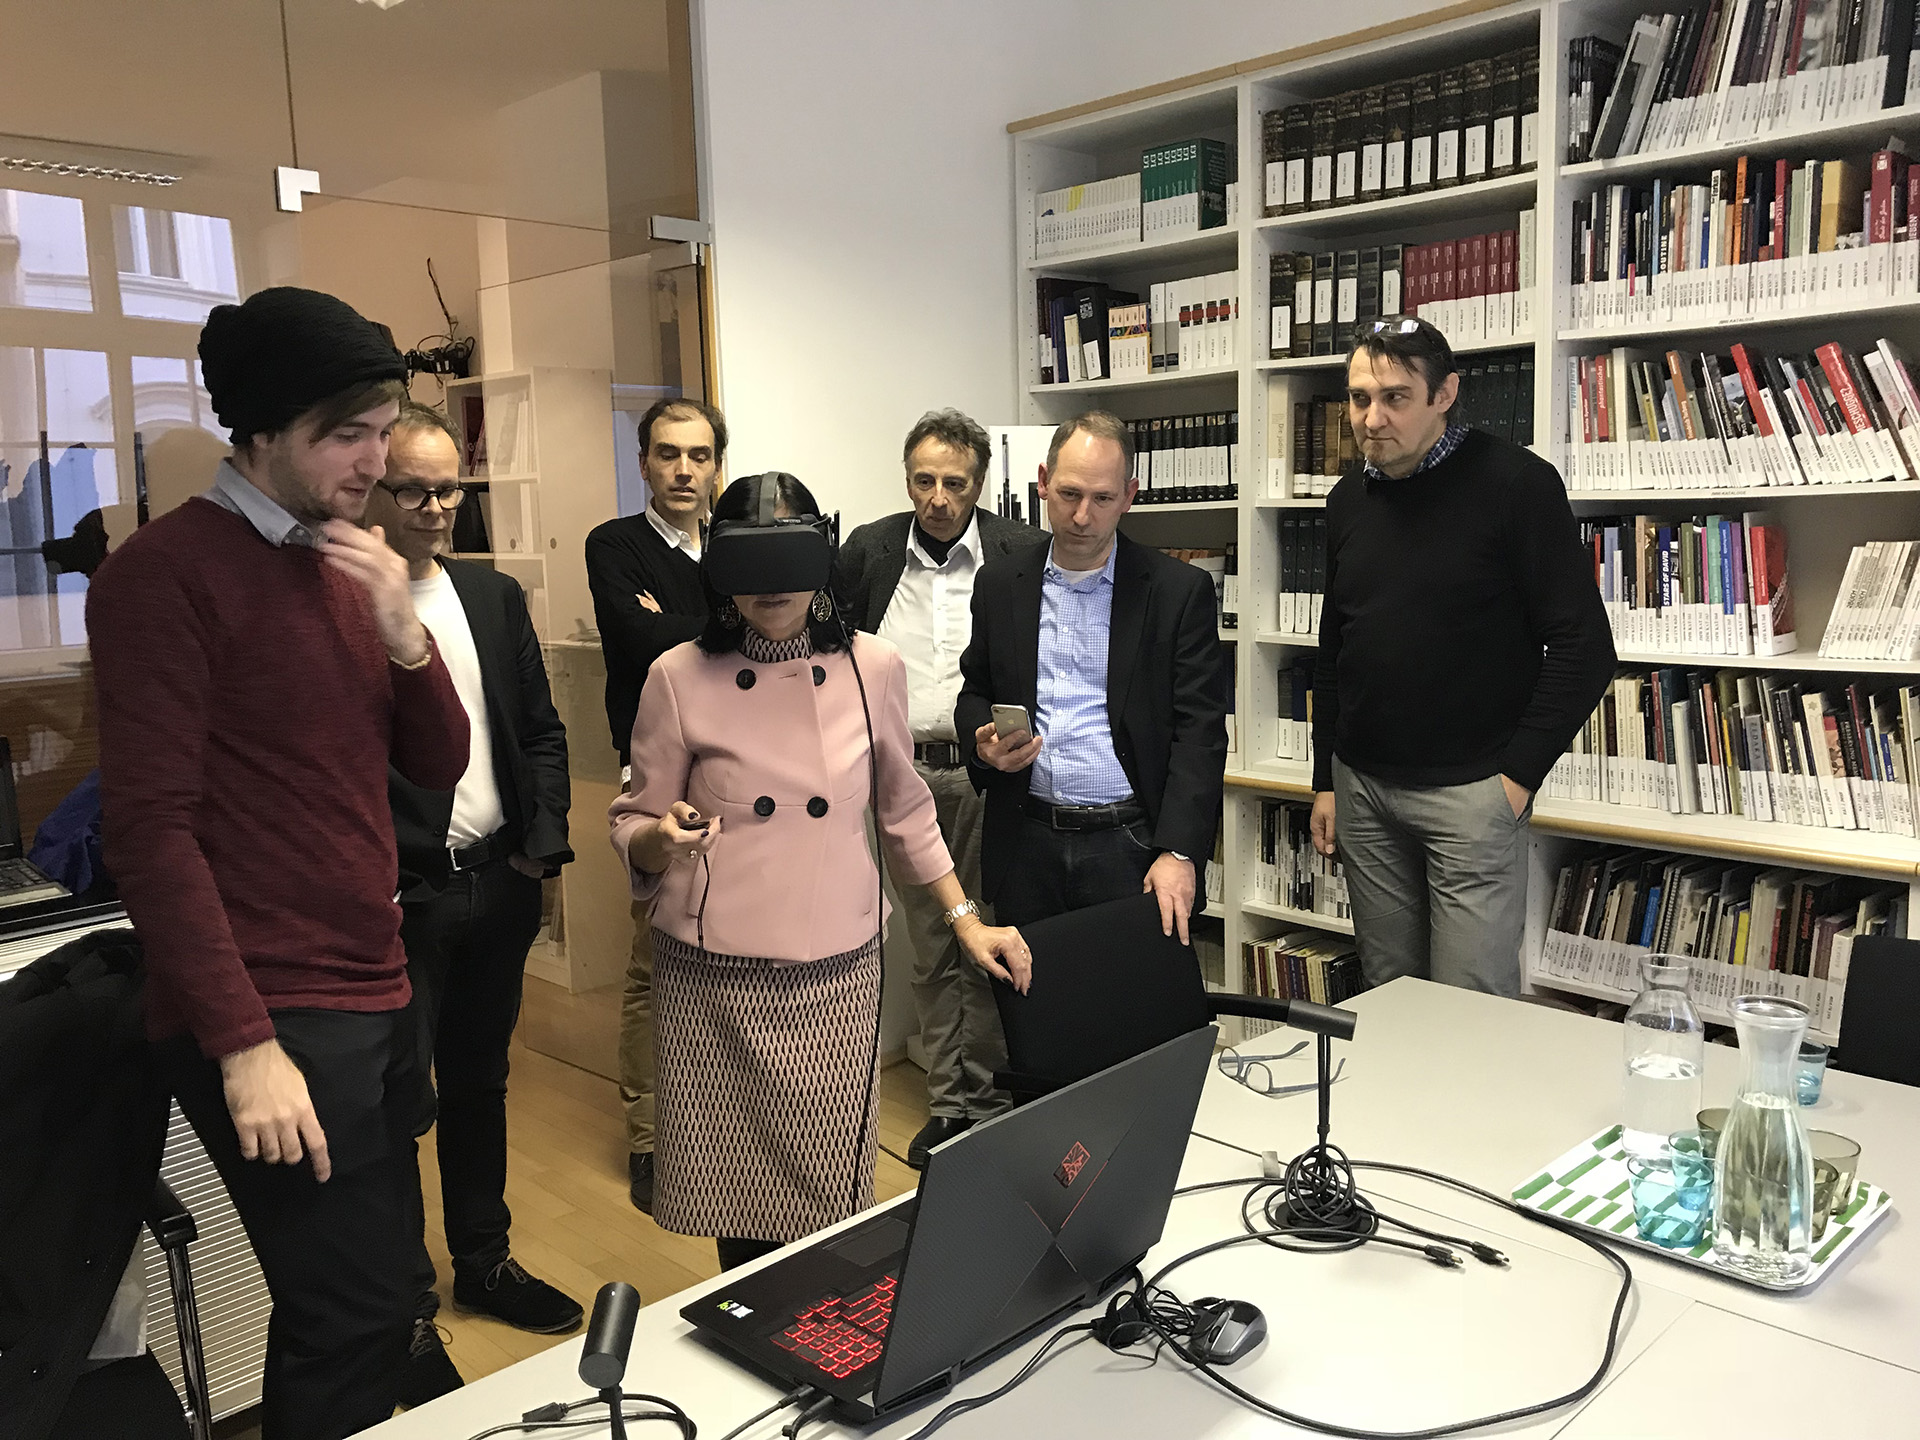 VR-Präsentation im Jüdischen Museum Wien (c) Bob Martens